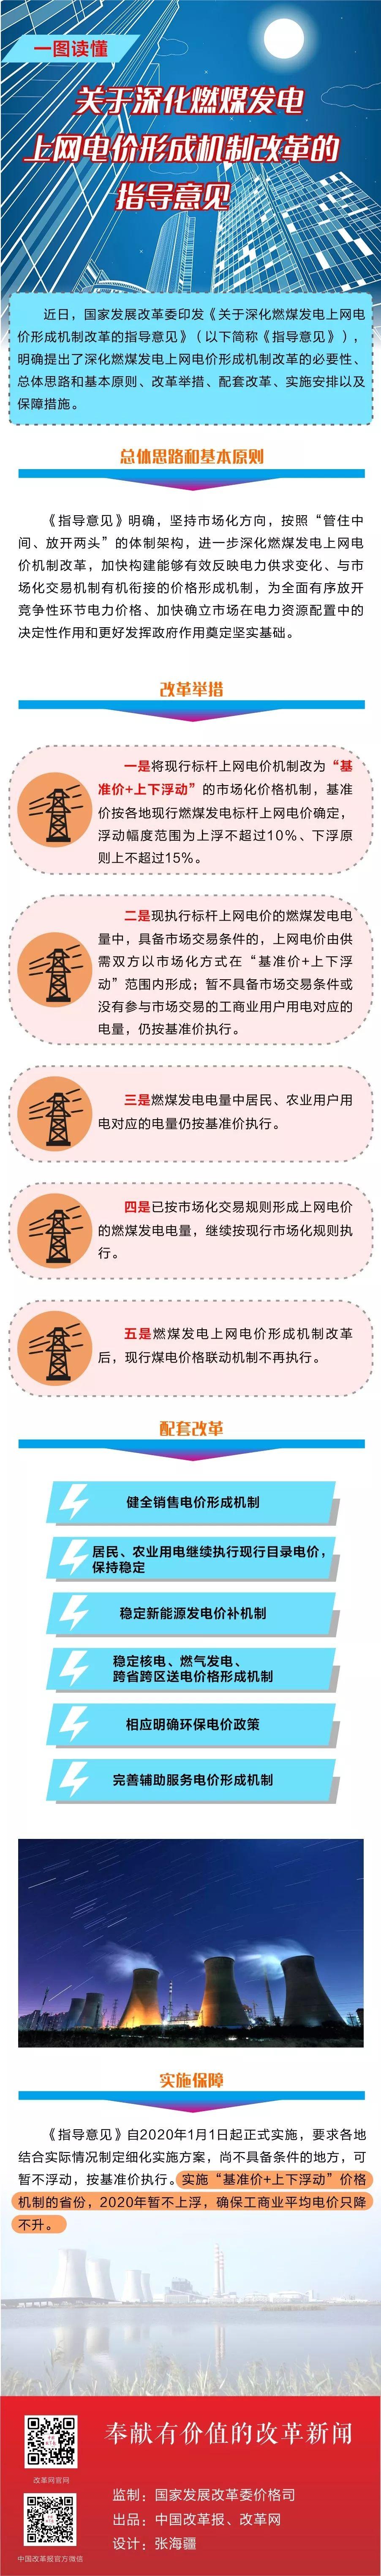 至尊足彩投注-日本无人驾驶列车中途反向行驶25米 14名乘客受伤